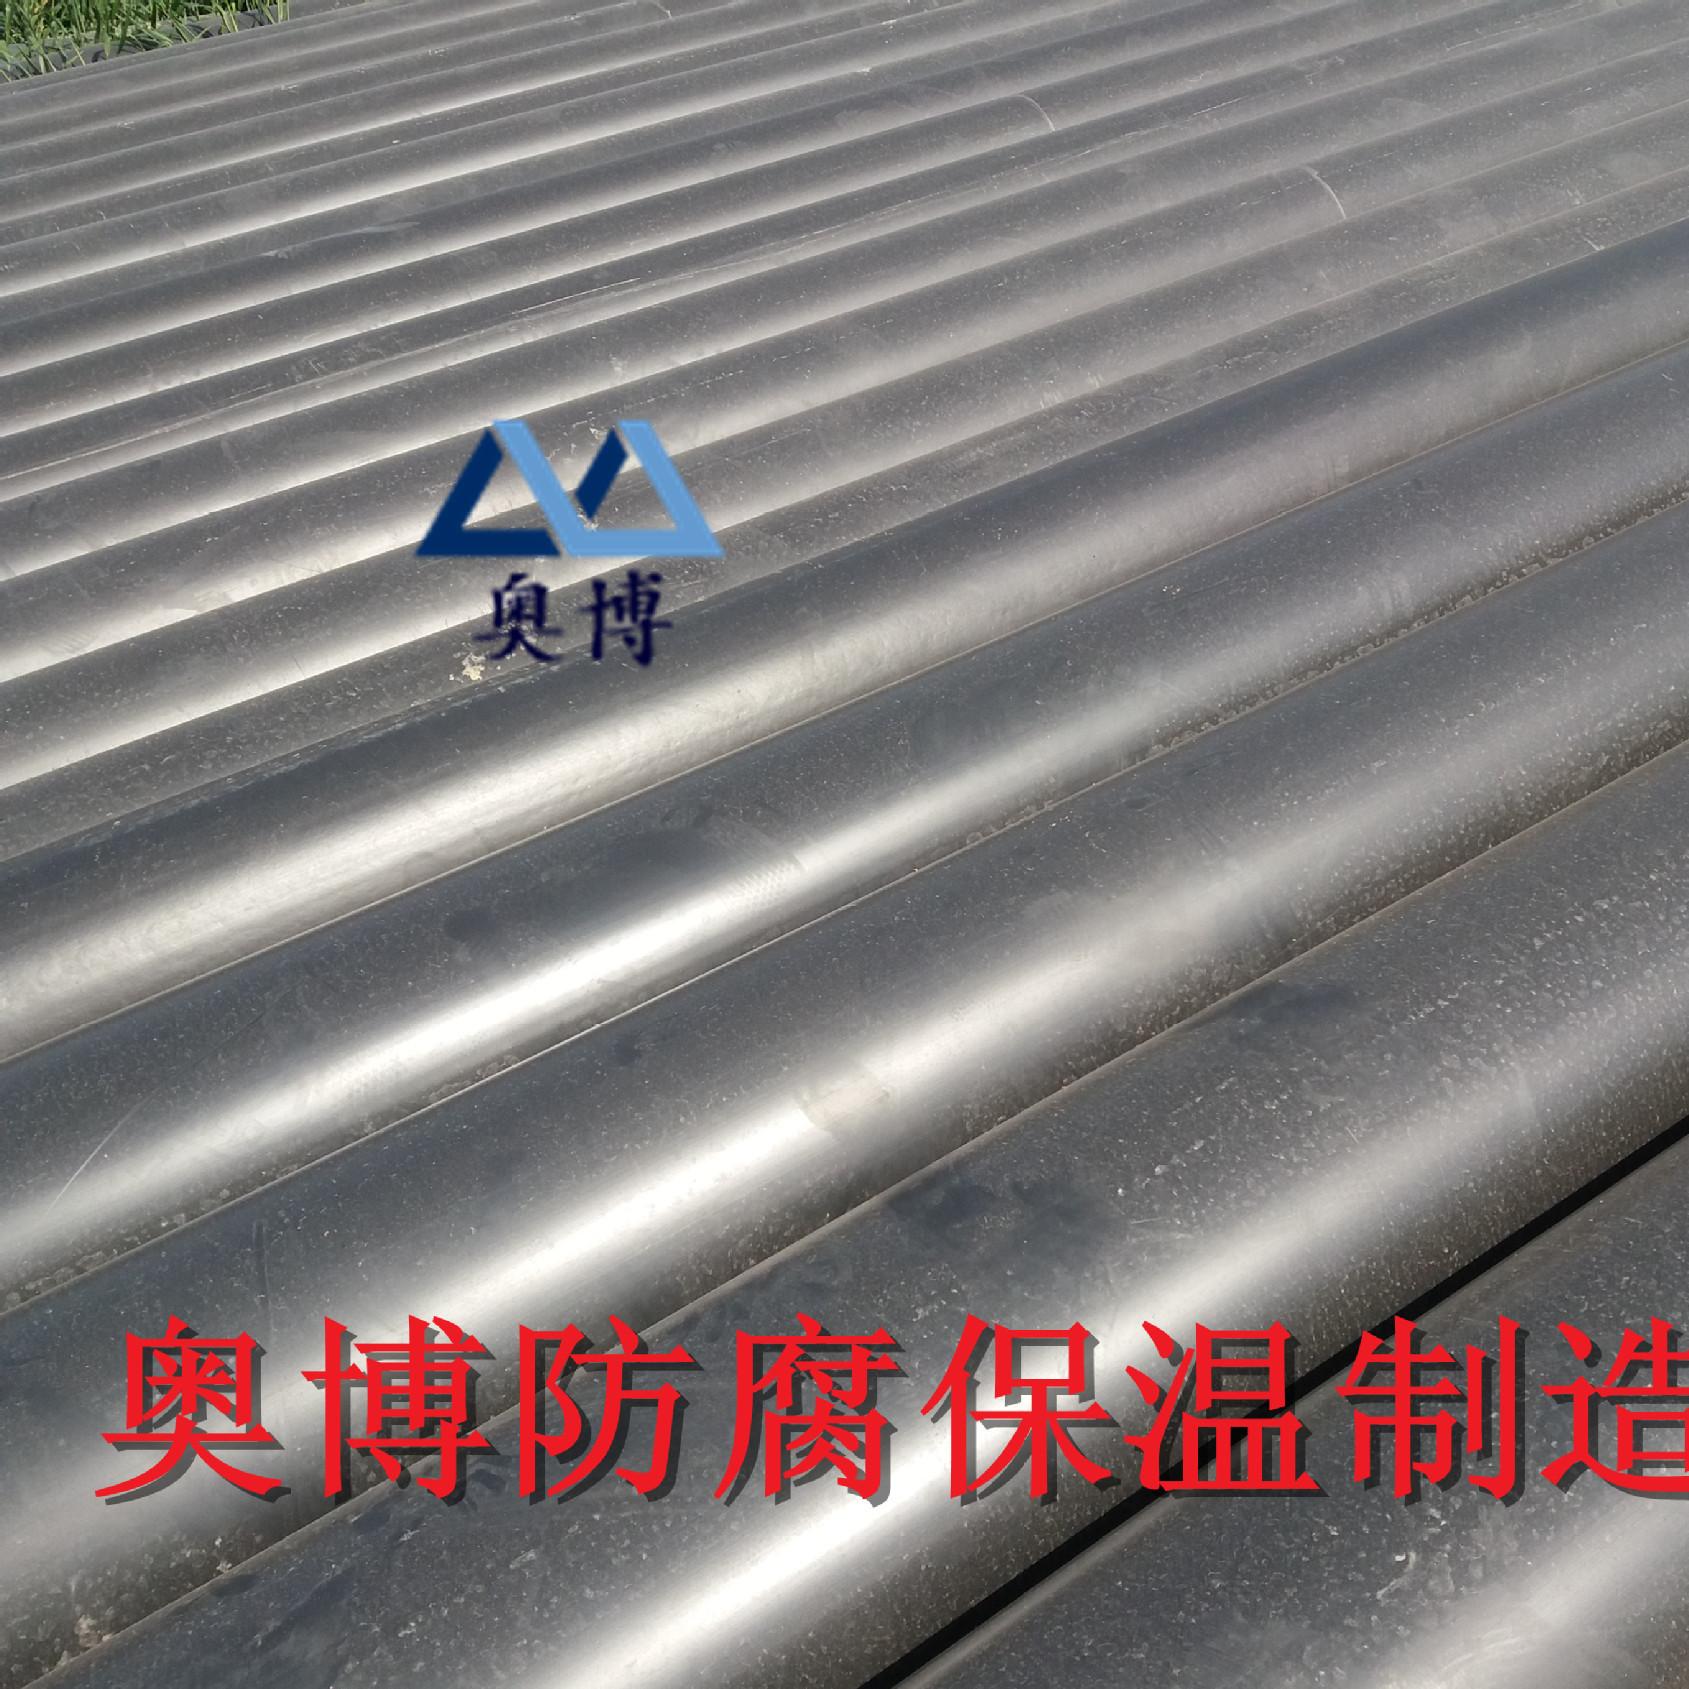 现货供应 聚乙烯夹克管 高密度聚乙烯夹克管 保温管外护管厂家示例图9